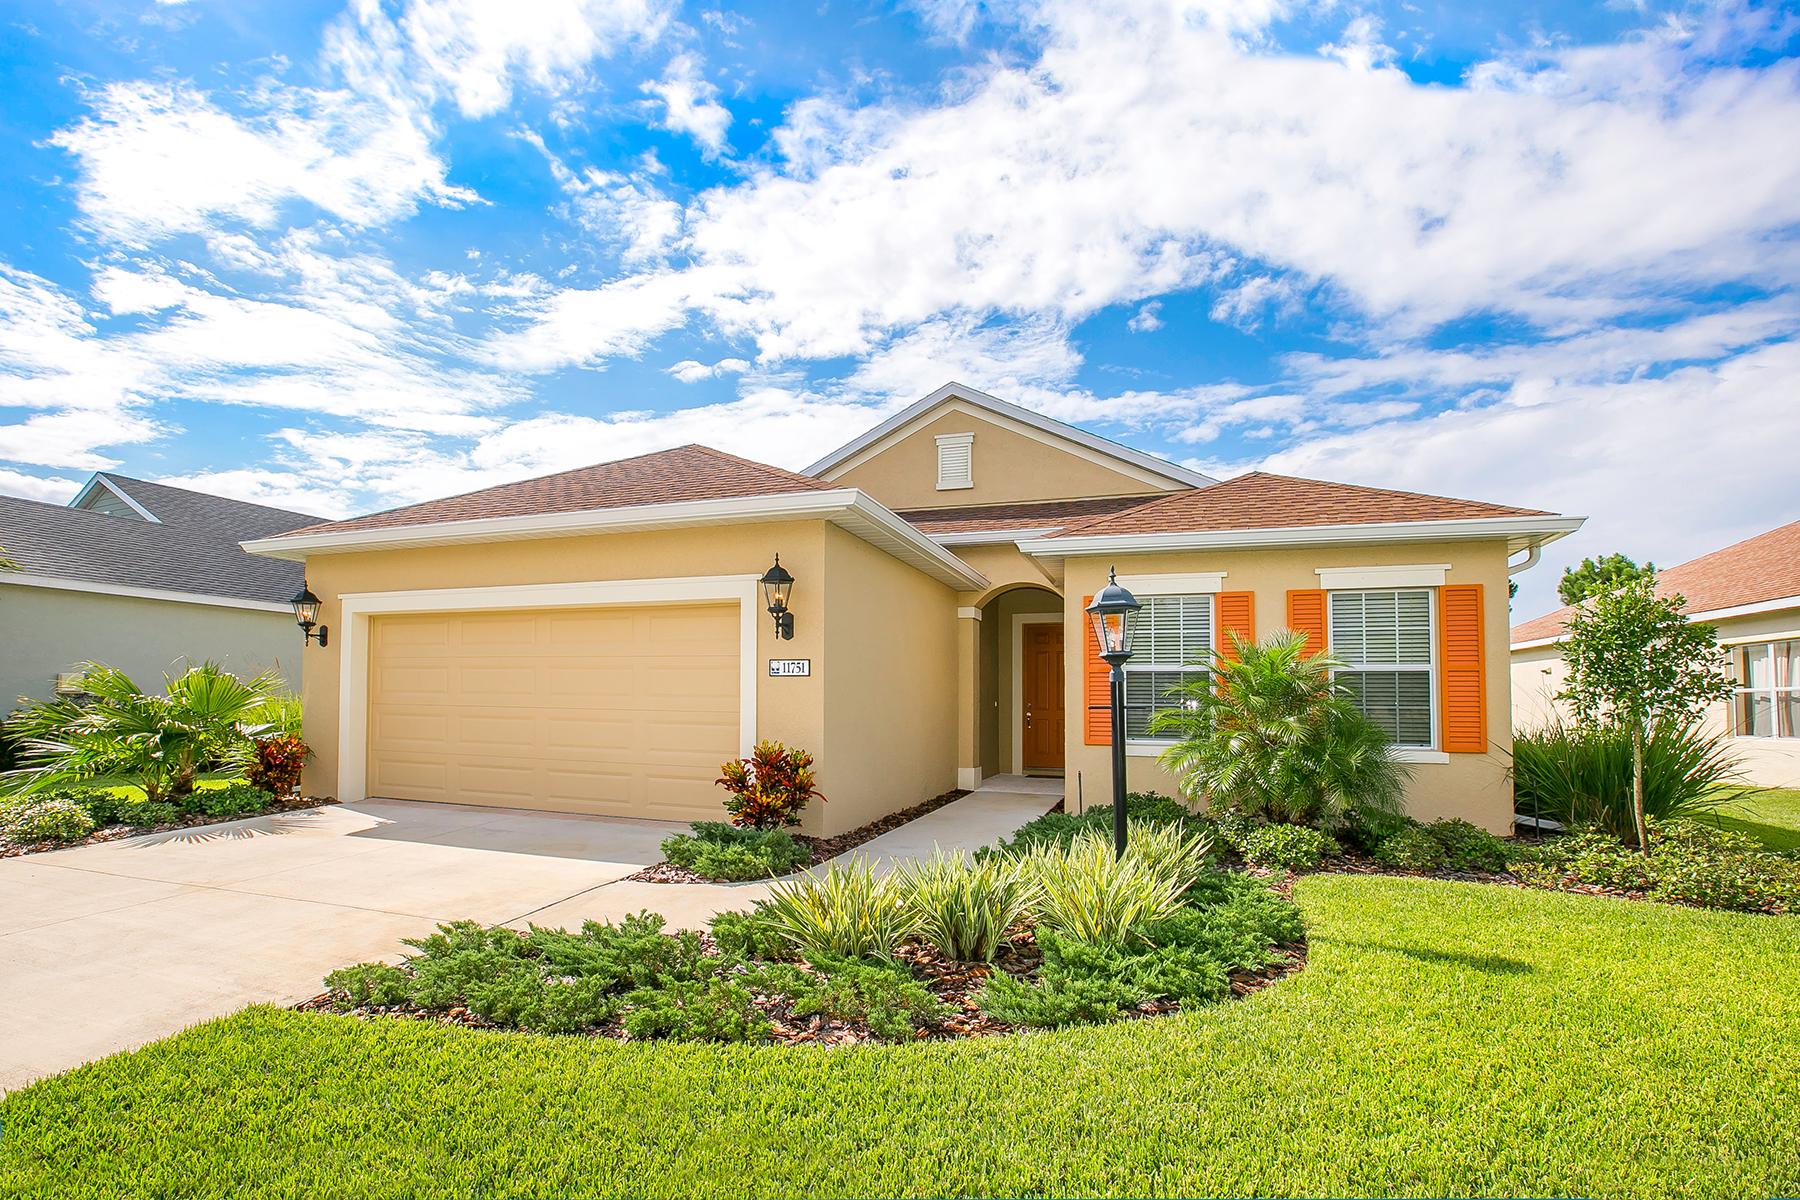 단독 가정 주택 용 매매 에 FOREST CREEK 11751 Fennemore Way Parrish, 플로리다 34219 미국